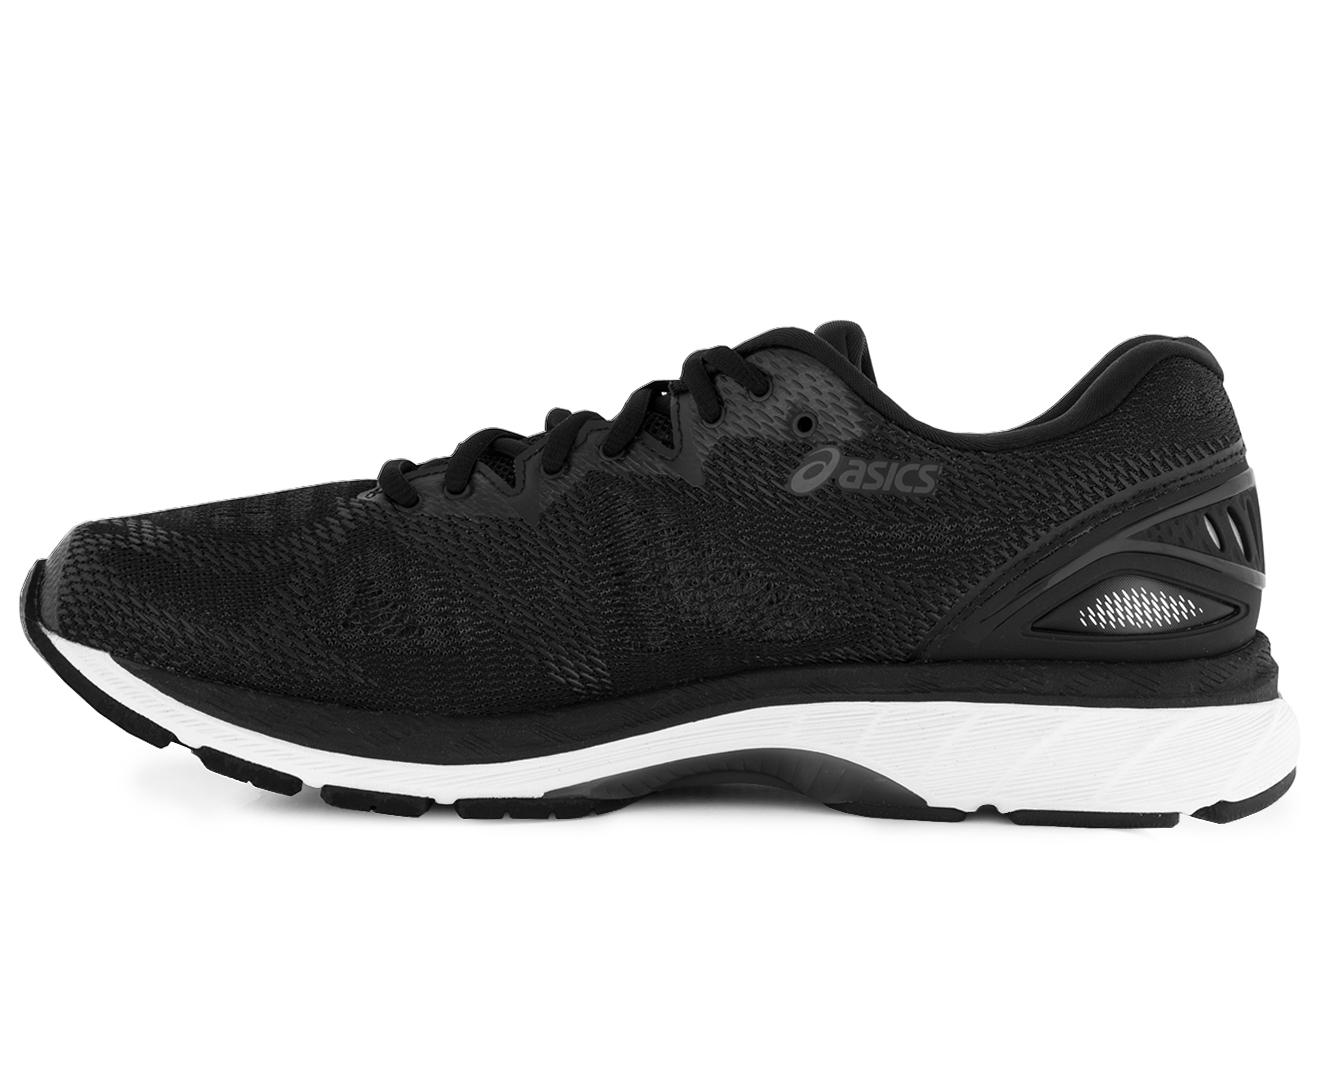 11d72456195a ASICS Men s GEL-Nimbus 20 Wide (2E) Shoe - Black White Carbon